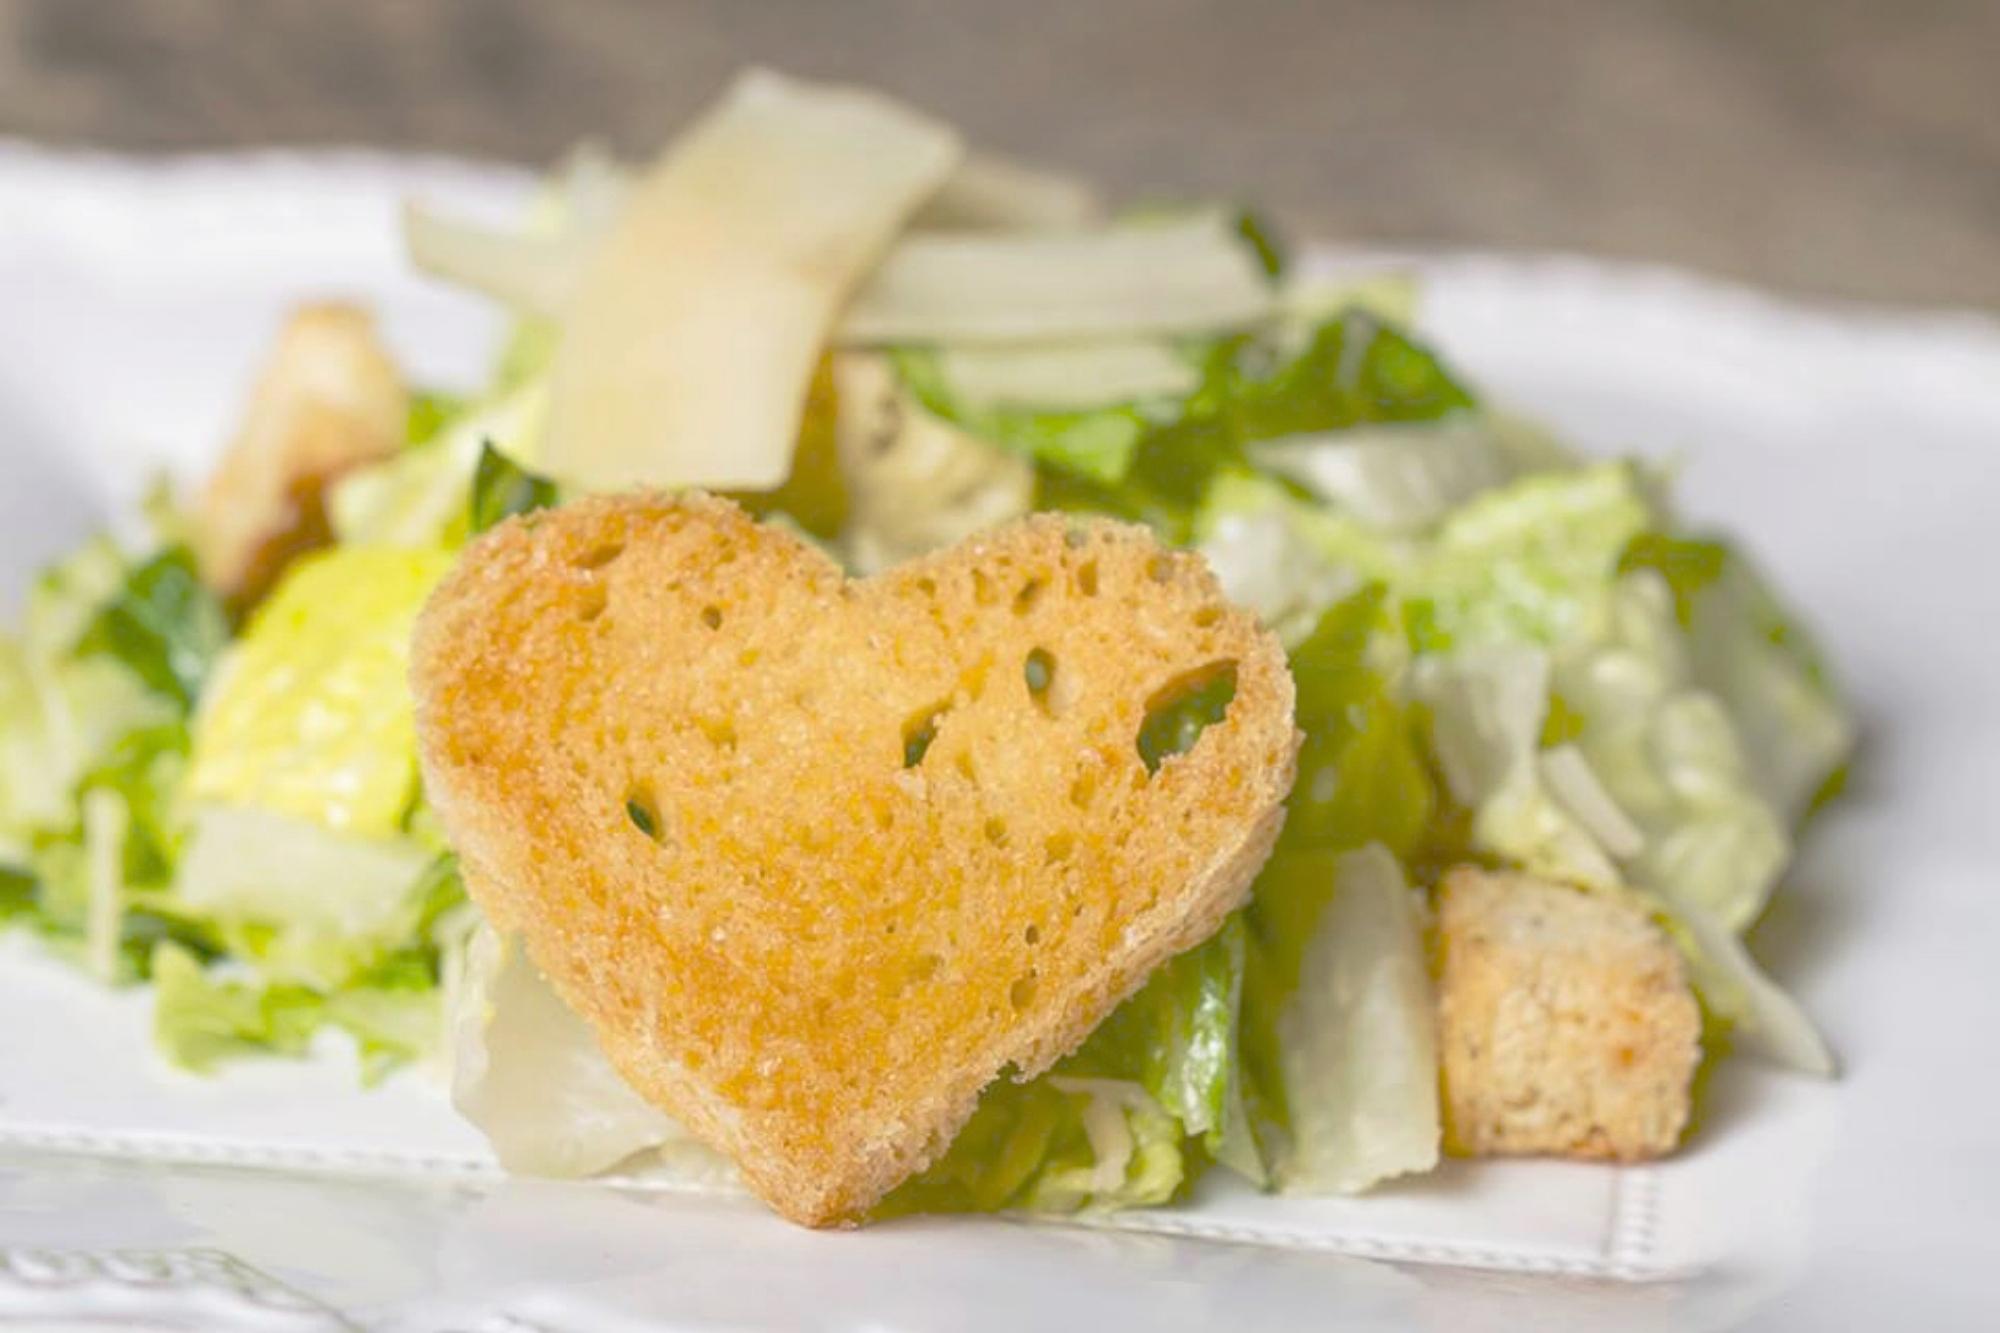 Salad image 2.jpg